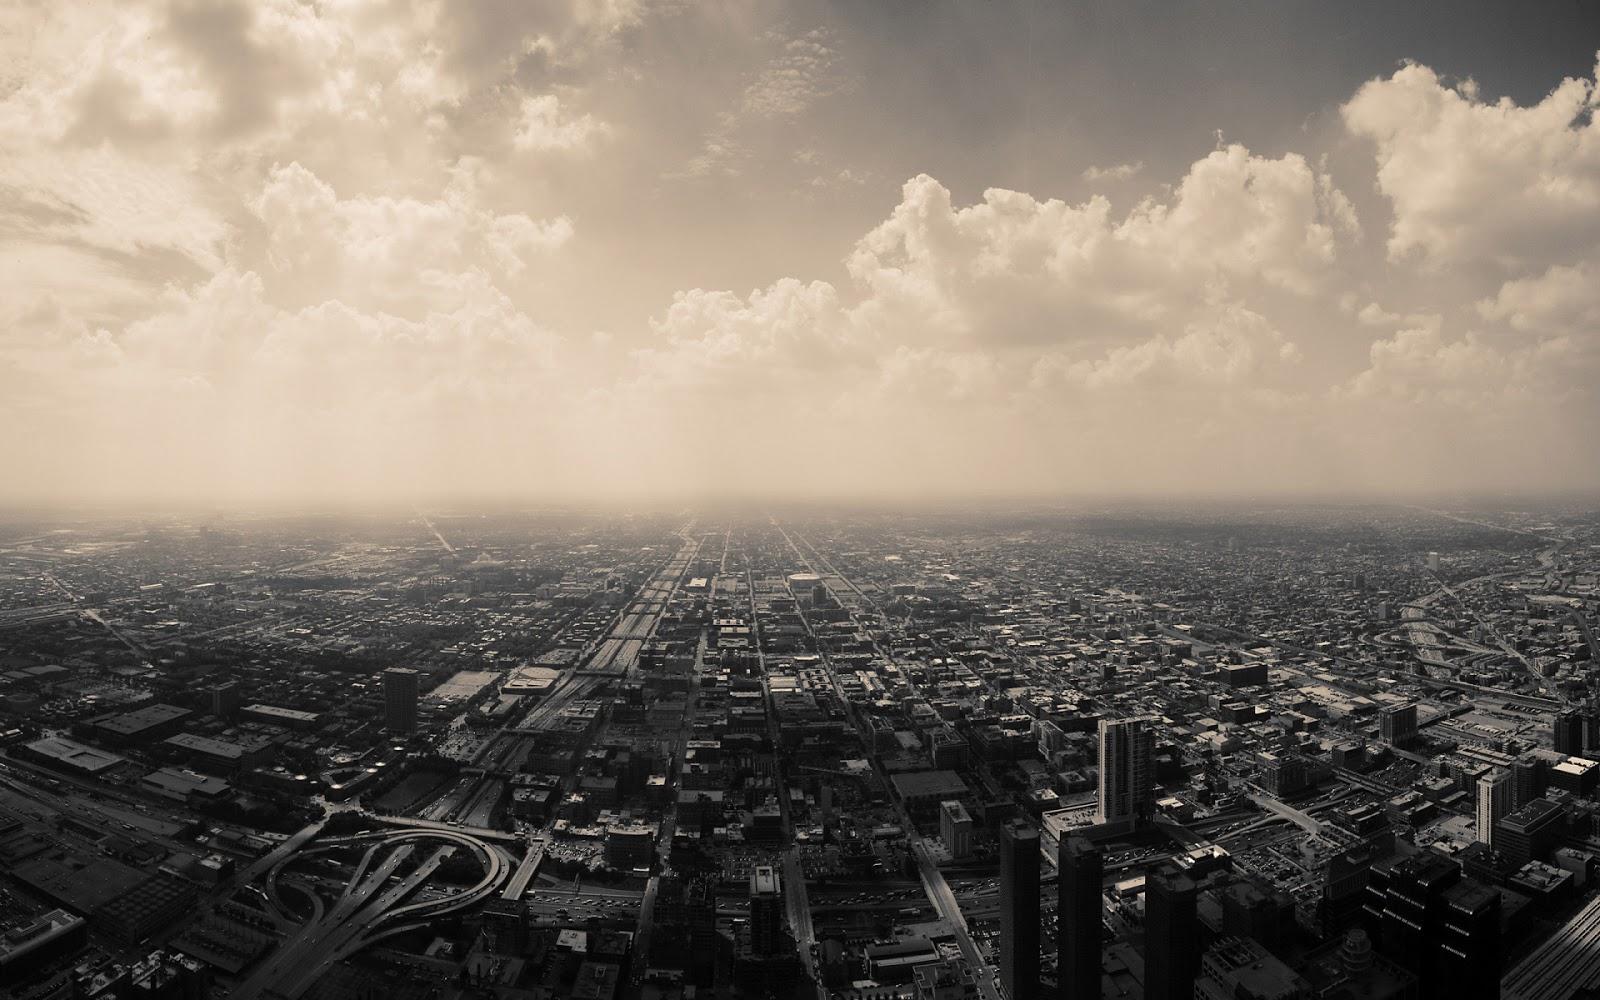 wallpaper fotografi pemandangan kota -#main